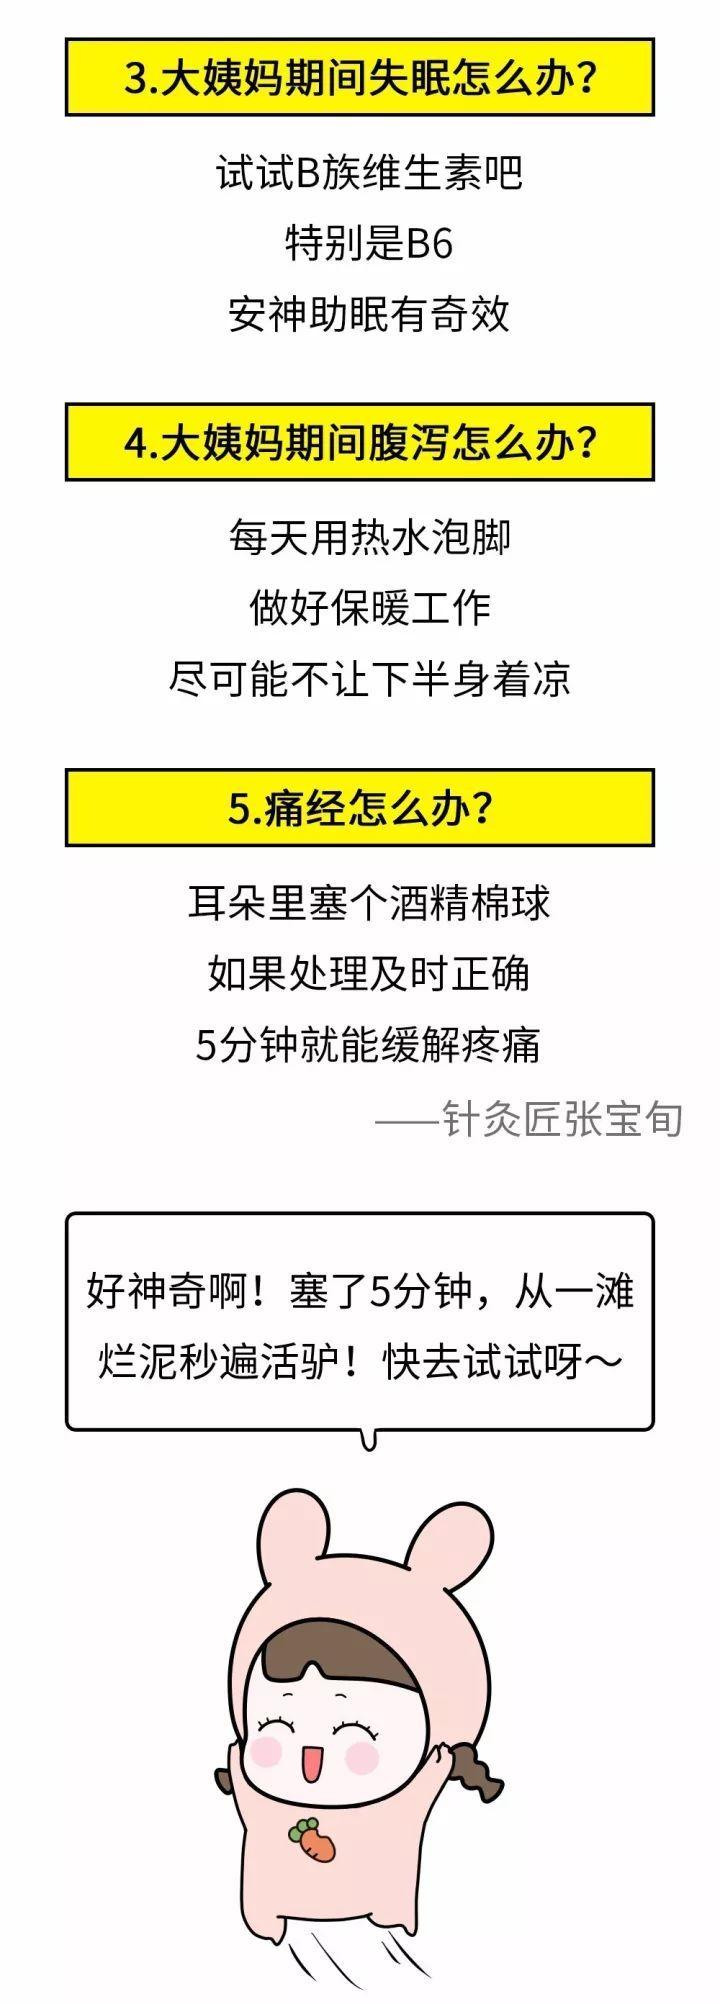 """重庆""""未来一个月都是阴雨""""?别再传谣了!7月份高温或达40℃"""